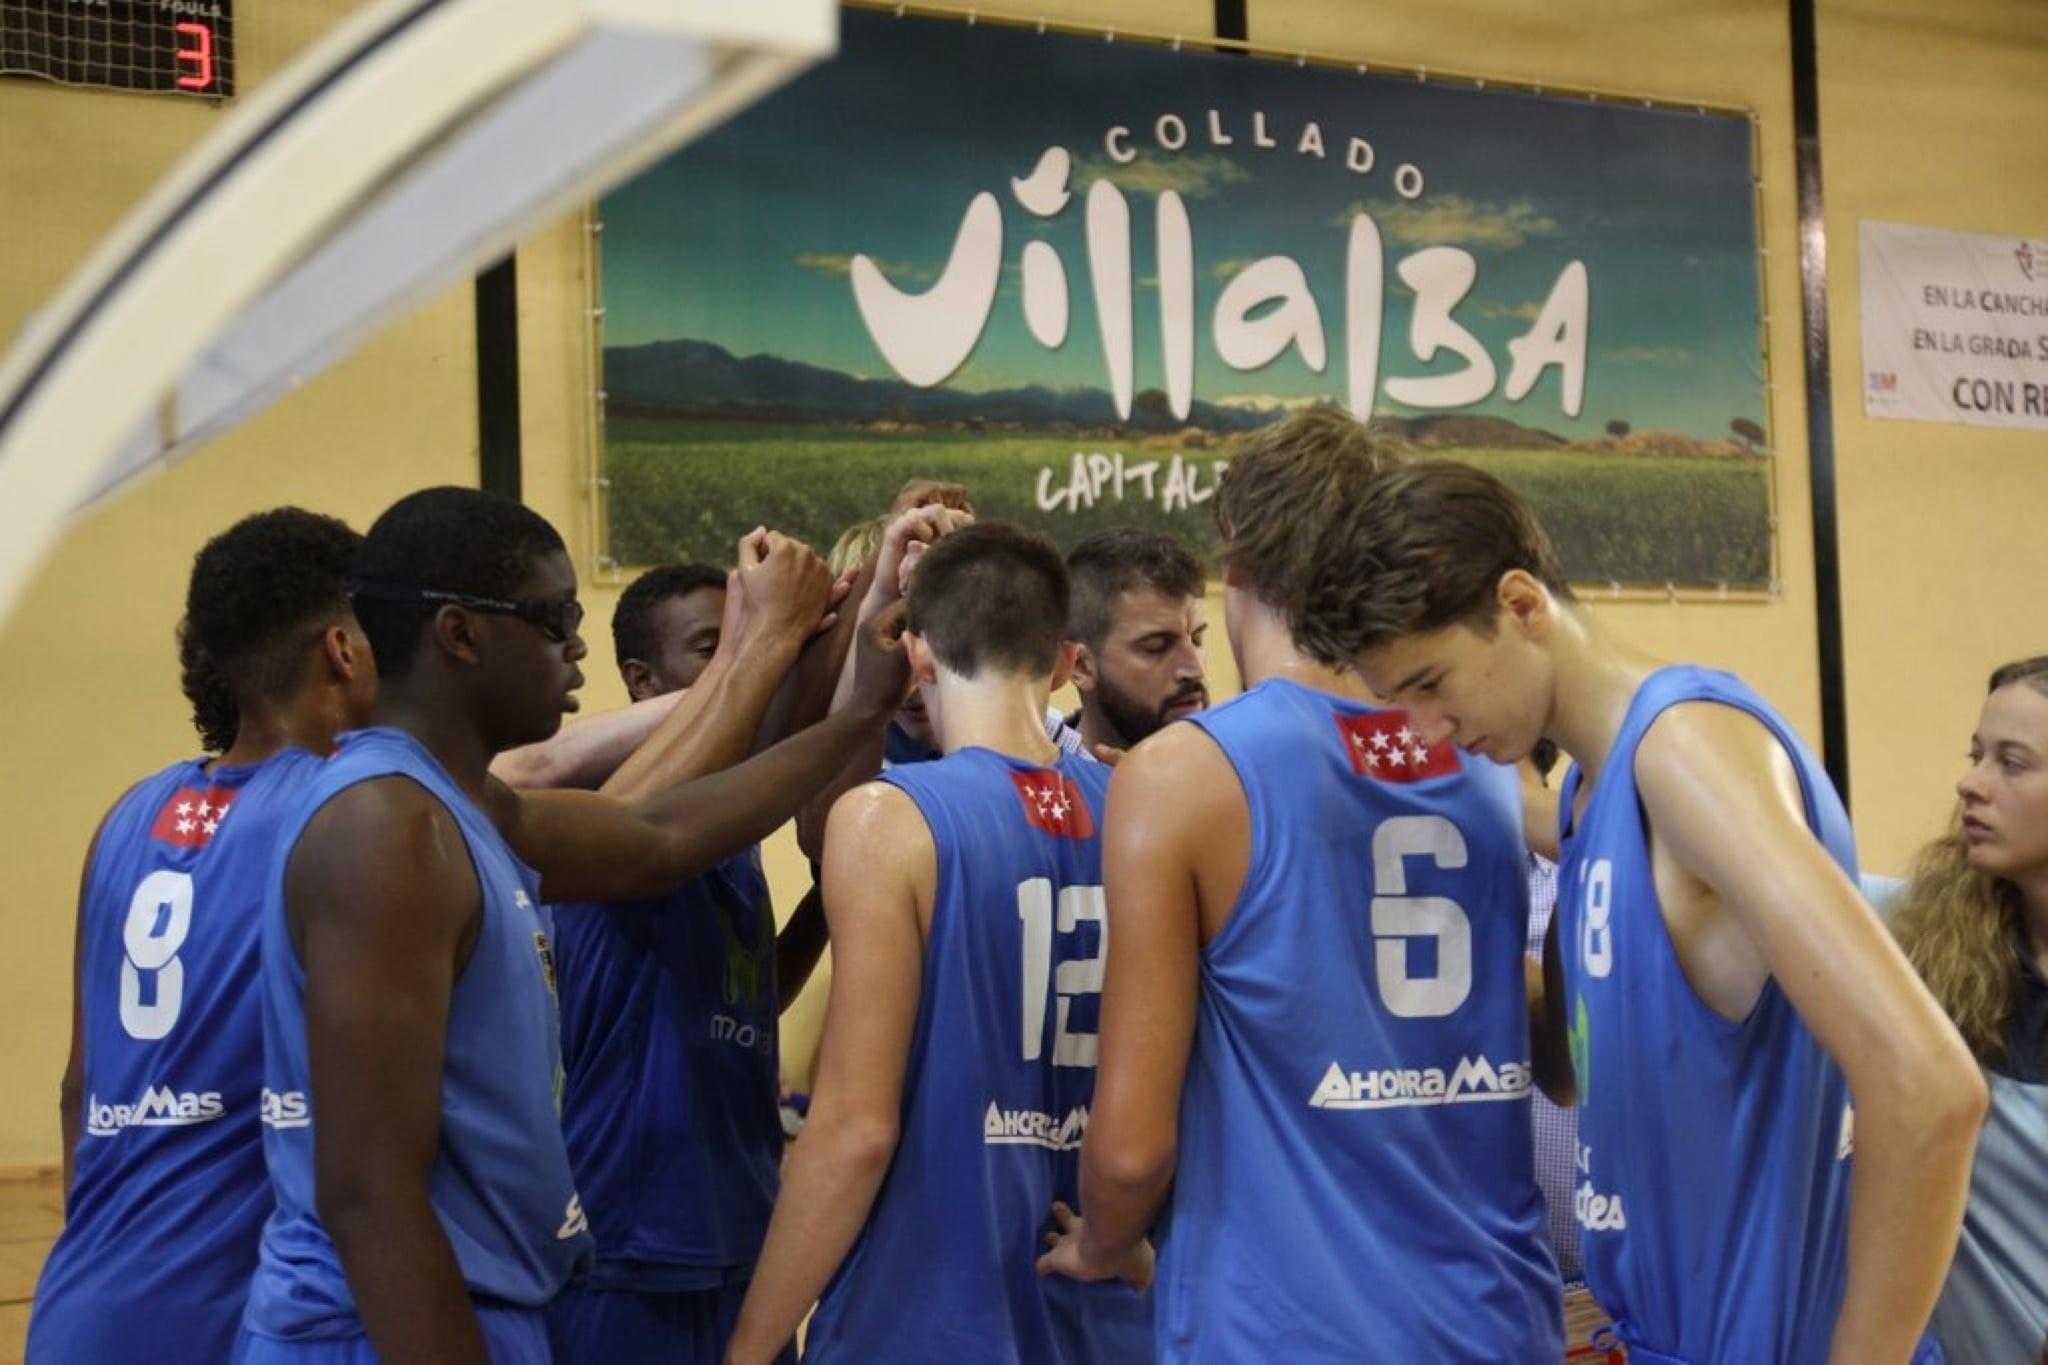 El Junior A, segundo en el I Torneo Élite de Villalba